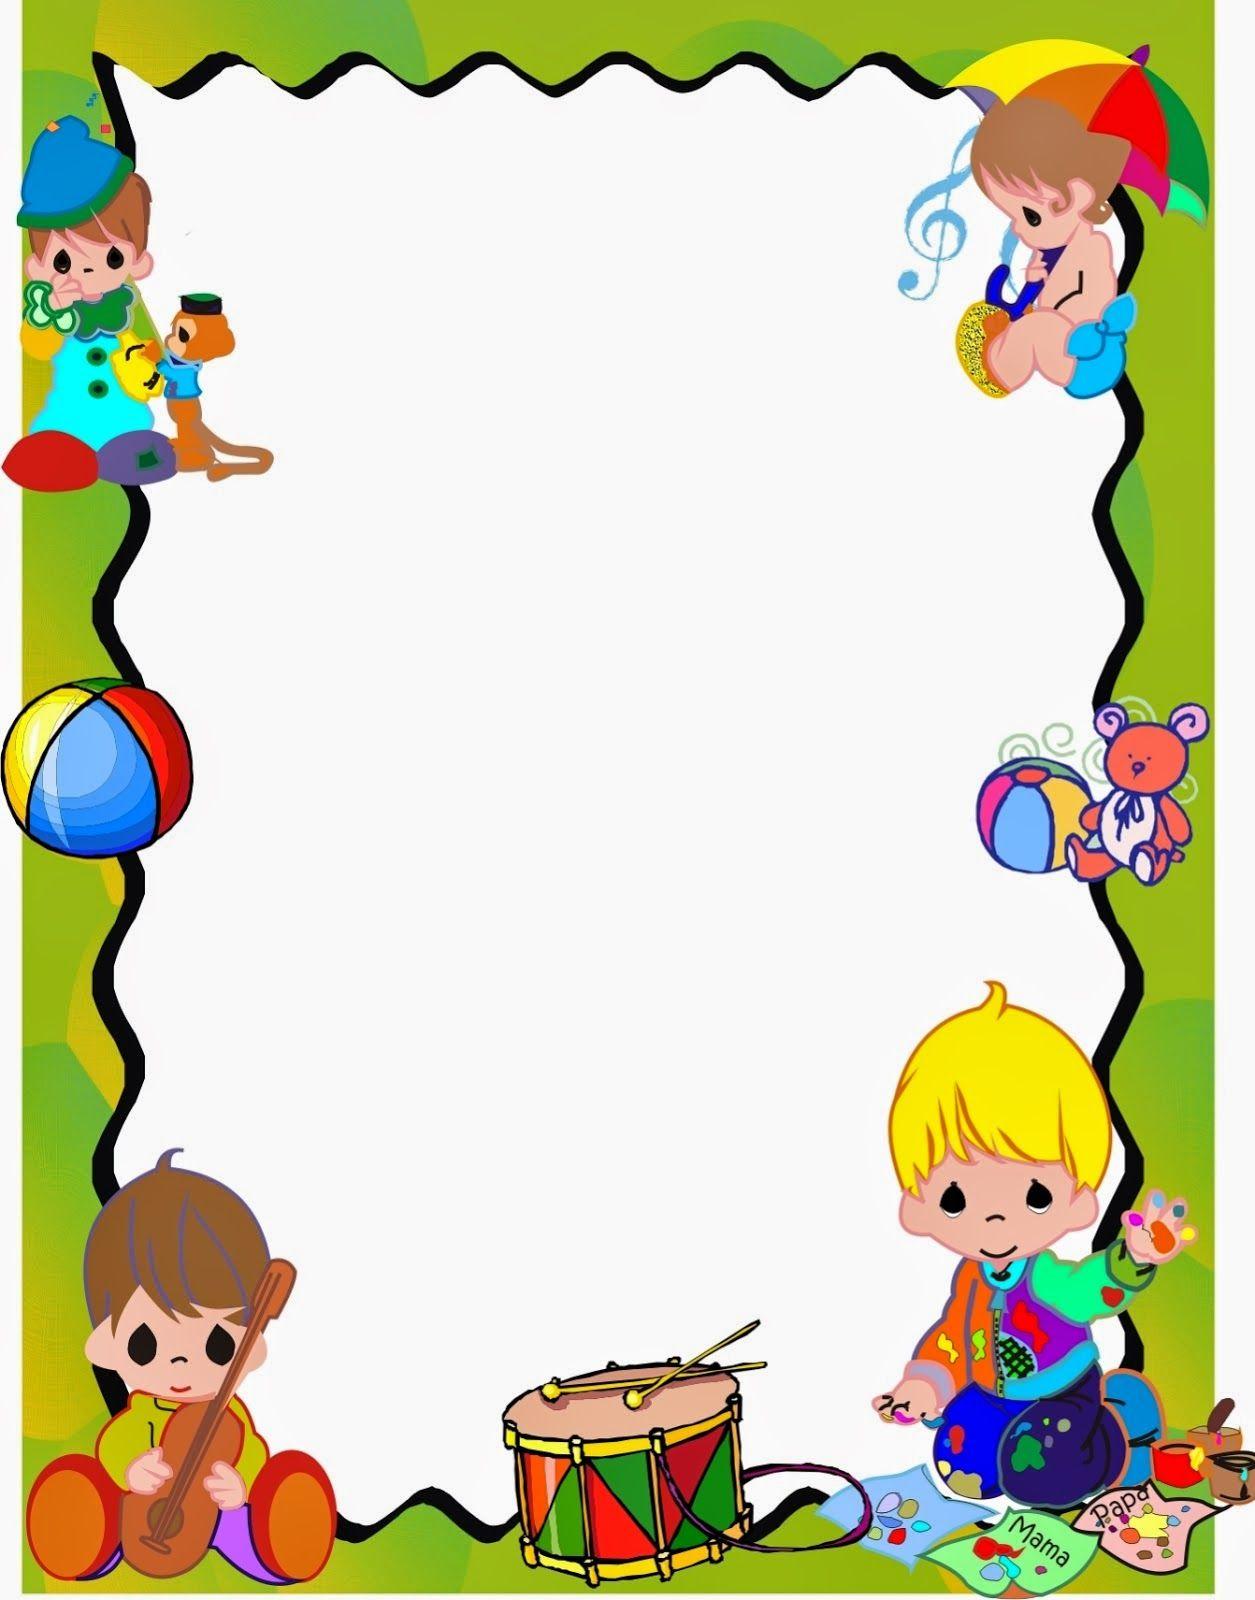 Caratulas niños y niñas kinder | marcos | Pinterest | Niños de ...